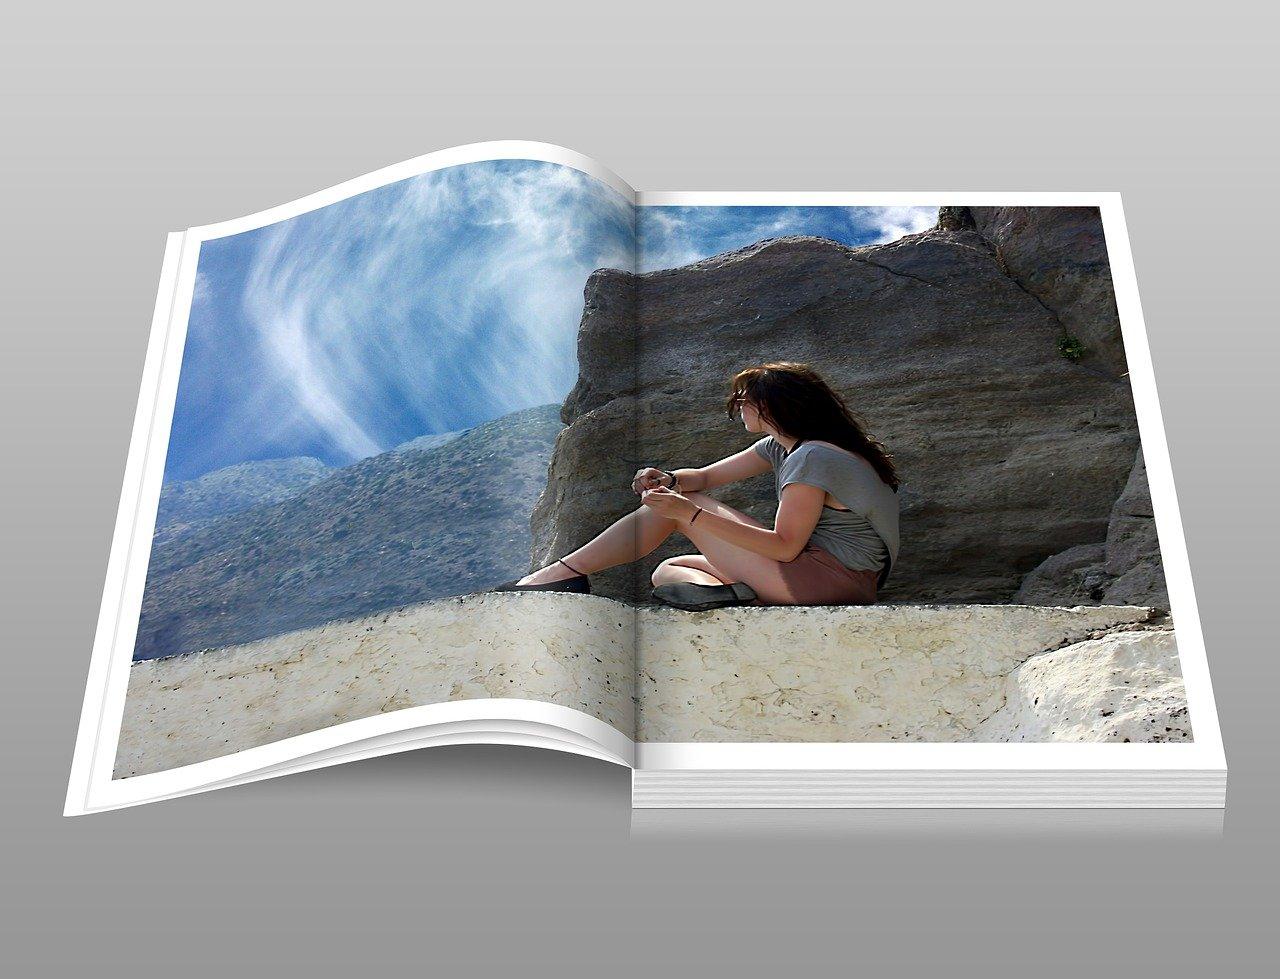 Why Photobooks Are a Good Idea